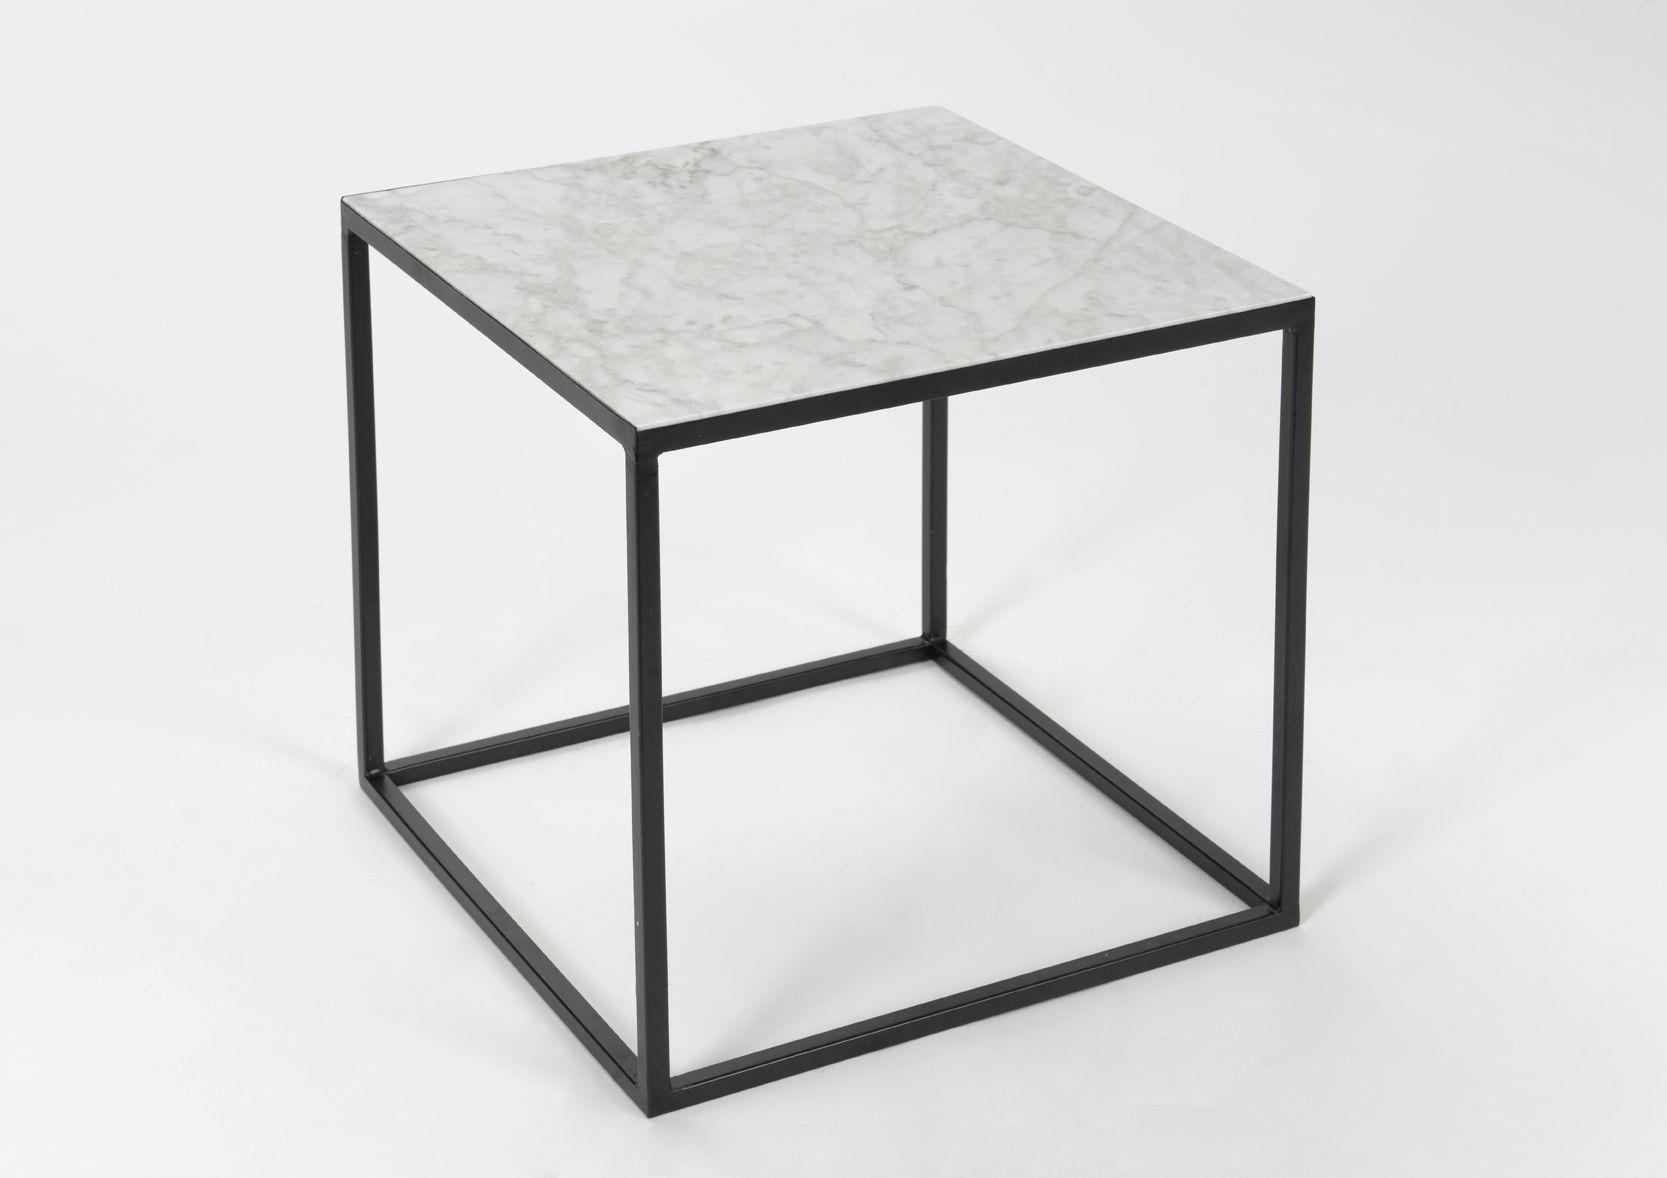 bout de canap cube en marbre. Black Bedroom Furniture Sets. Home Design Ideas